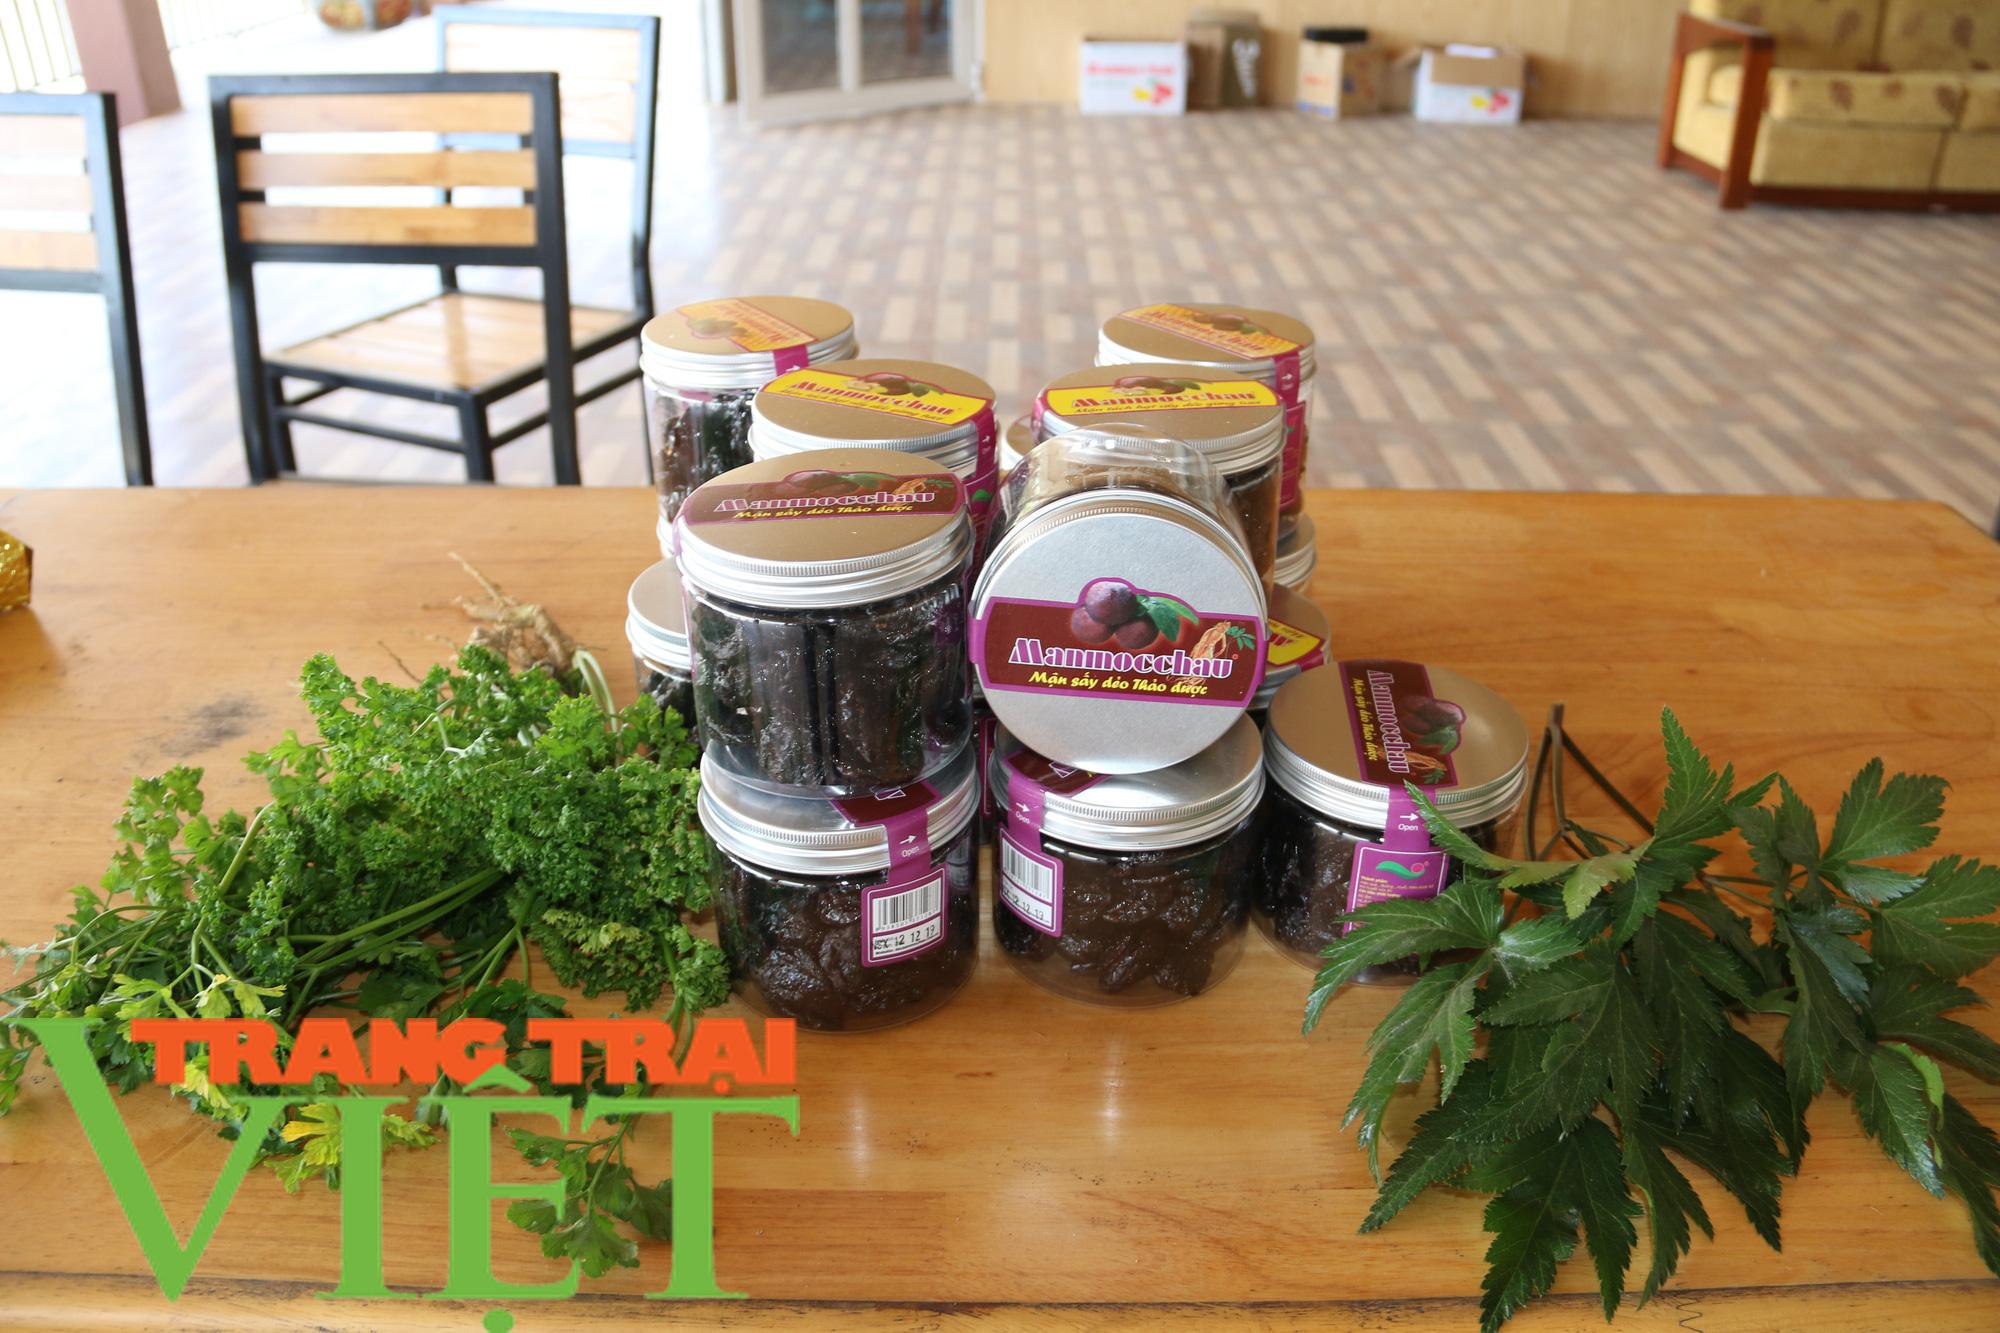 Mận sấy dẻo thảo dược, món quà vùng thảo nguyên xanh - Ảnh 3.